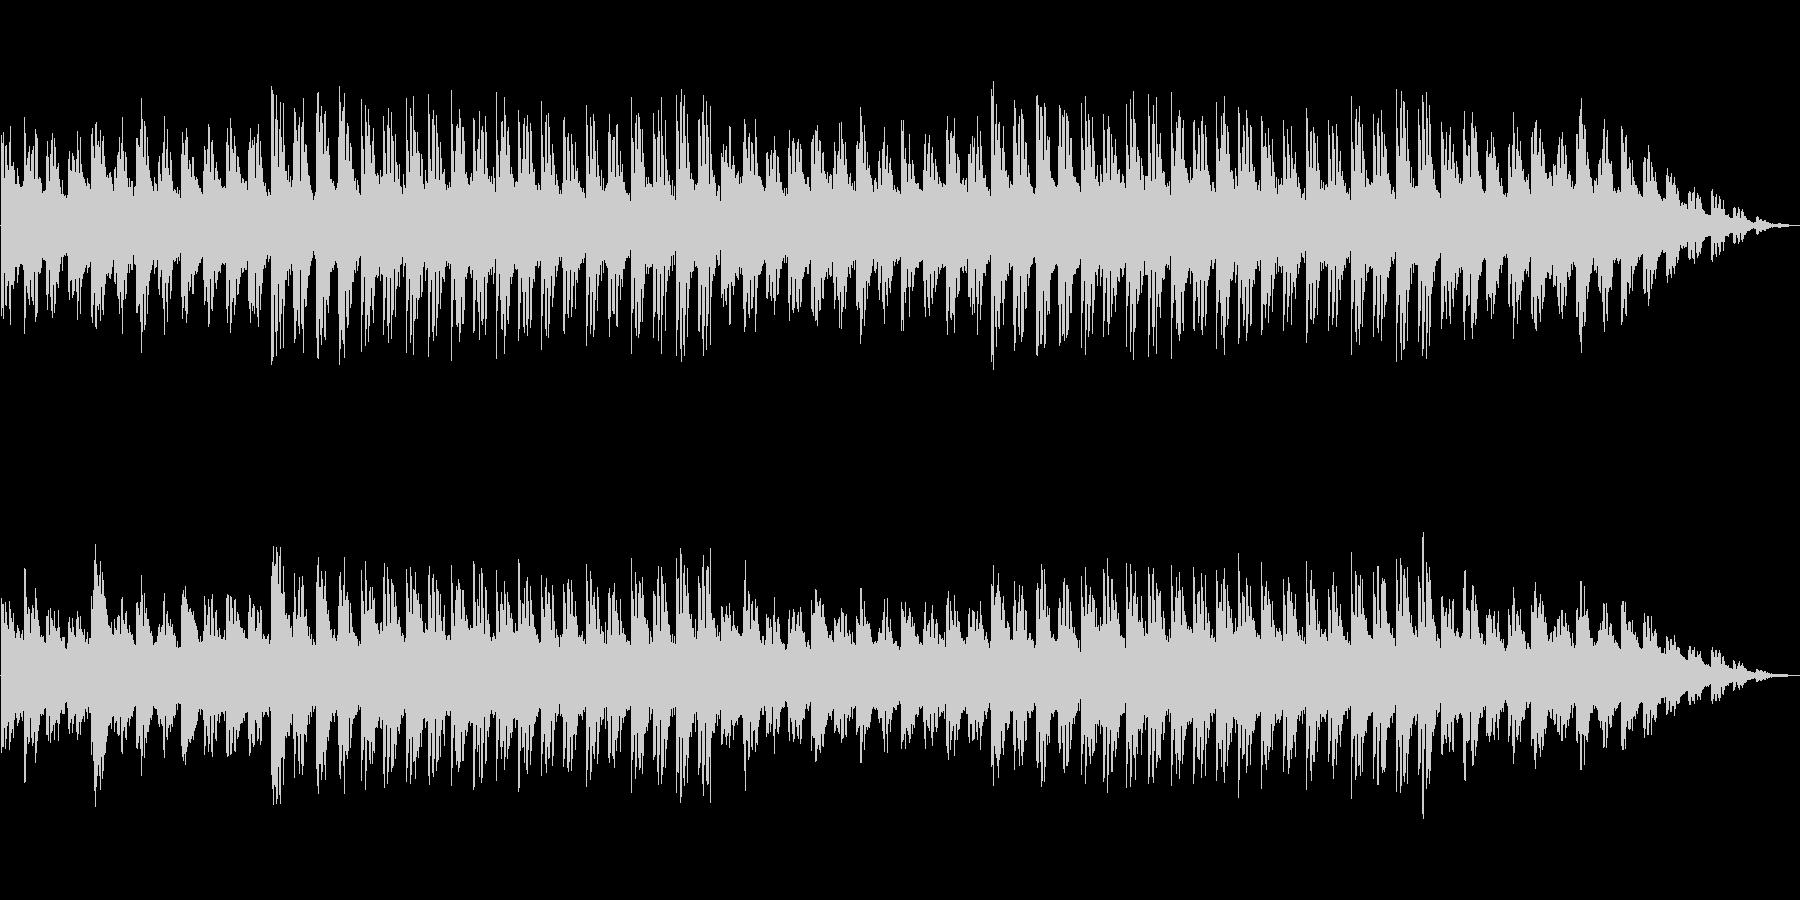 ゲームBGM風の未再生の波形